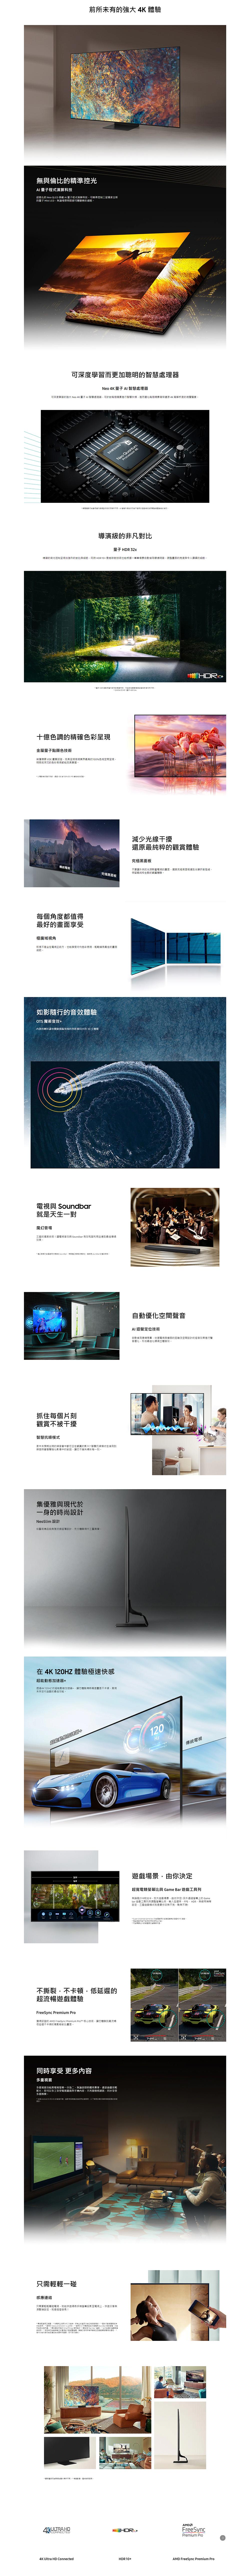 screenshot(1)-2.jpg